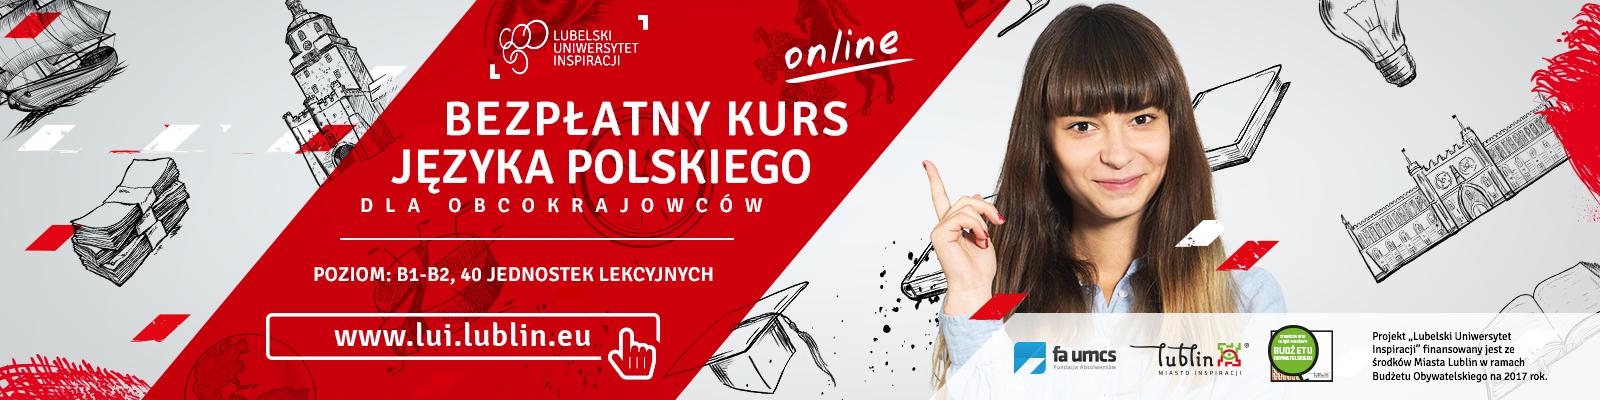 Онлайн курс польської мови